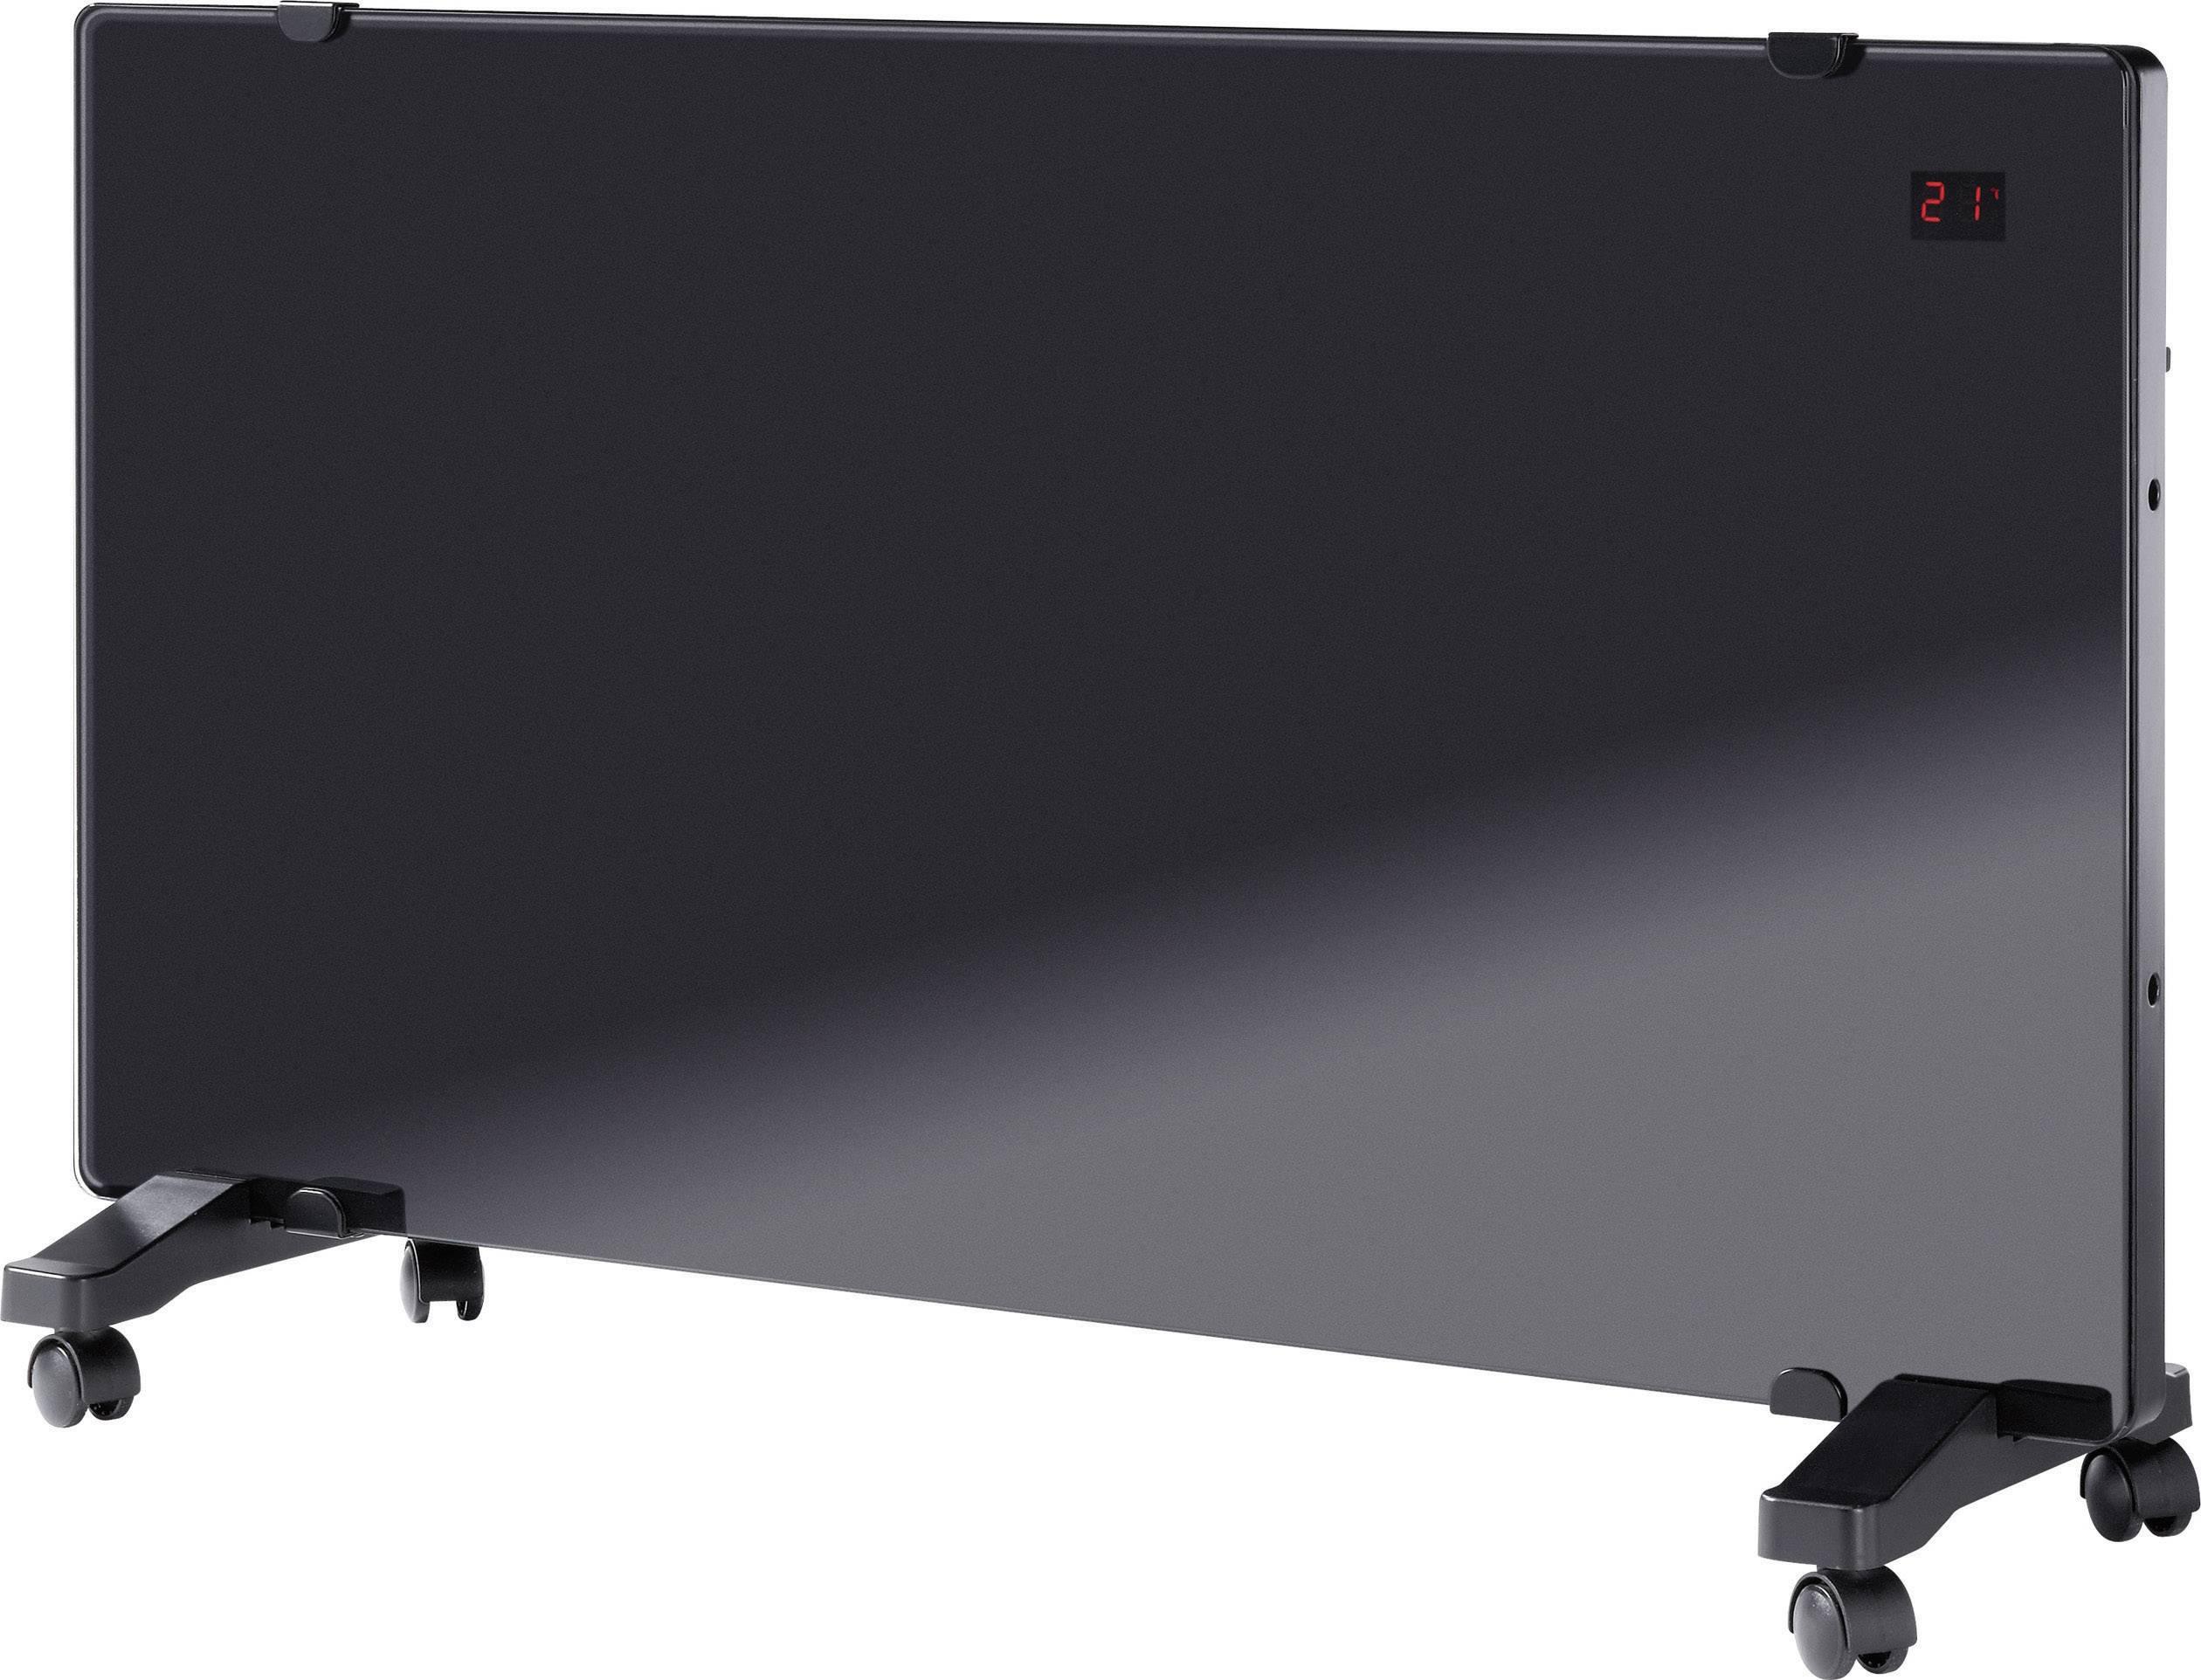 Sklenený konvektor s diaľkovým ovládaním HCC15-A-E2-X, 20 m², 750 W, 1500 W, čierna